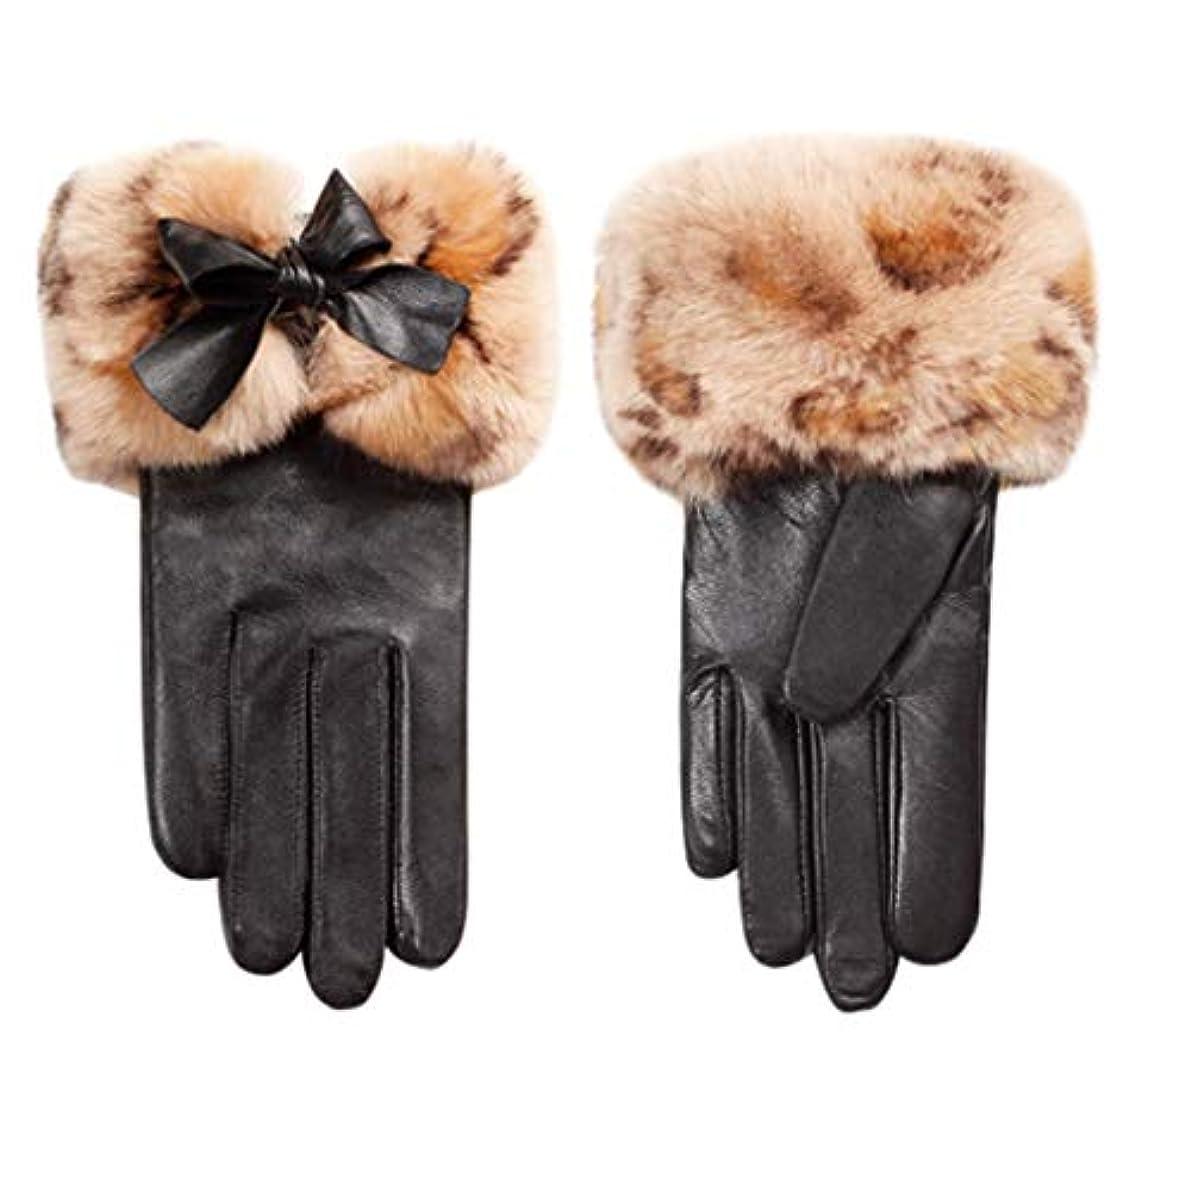 コース評判関税手袋女性の冬プラスベルベット厚い暖かい韓国のかわいい乗り物運転屋外防風レディース革手袋N2E8X81452黒M